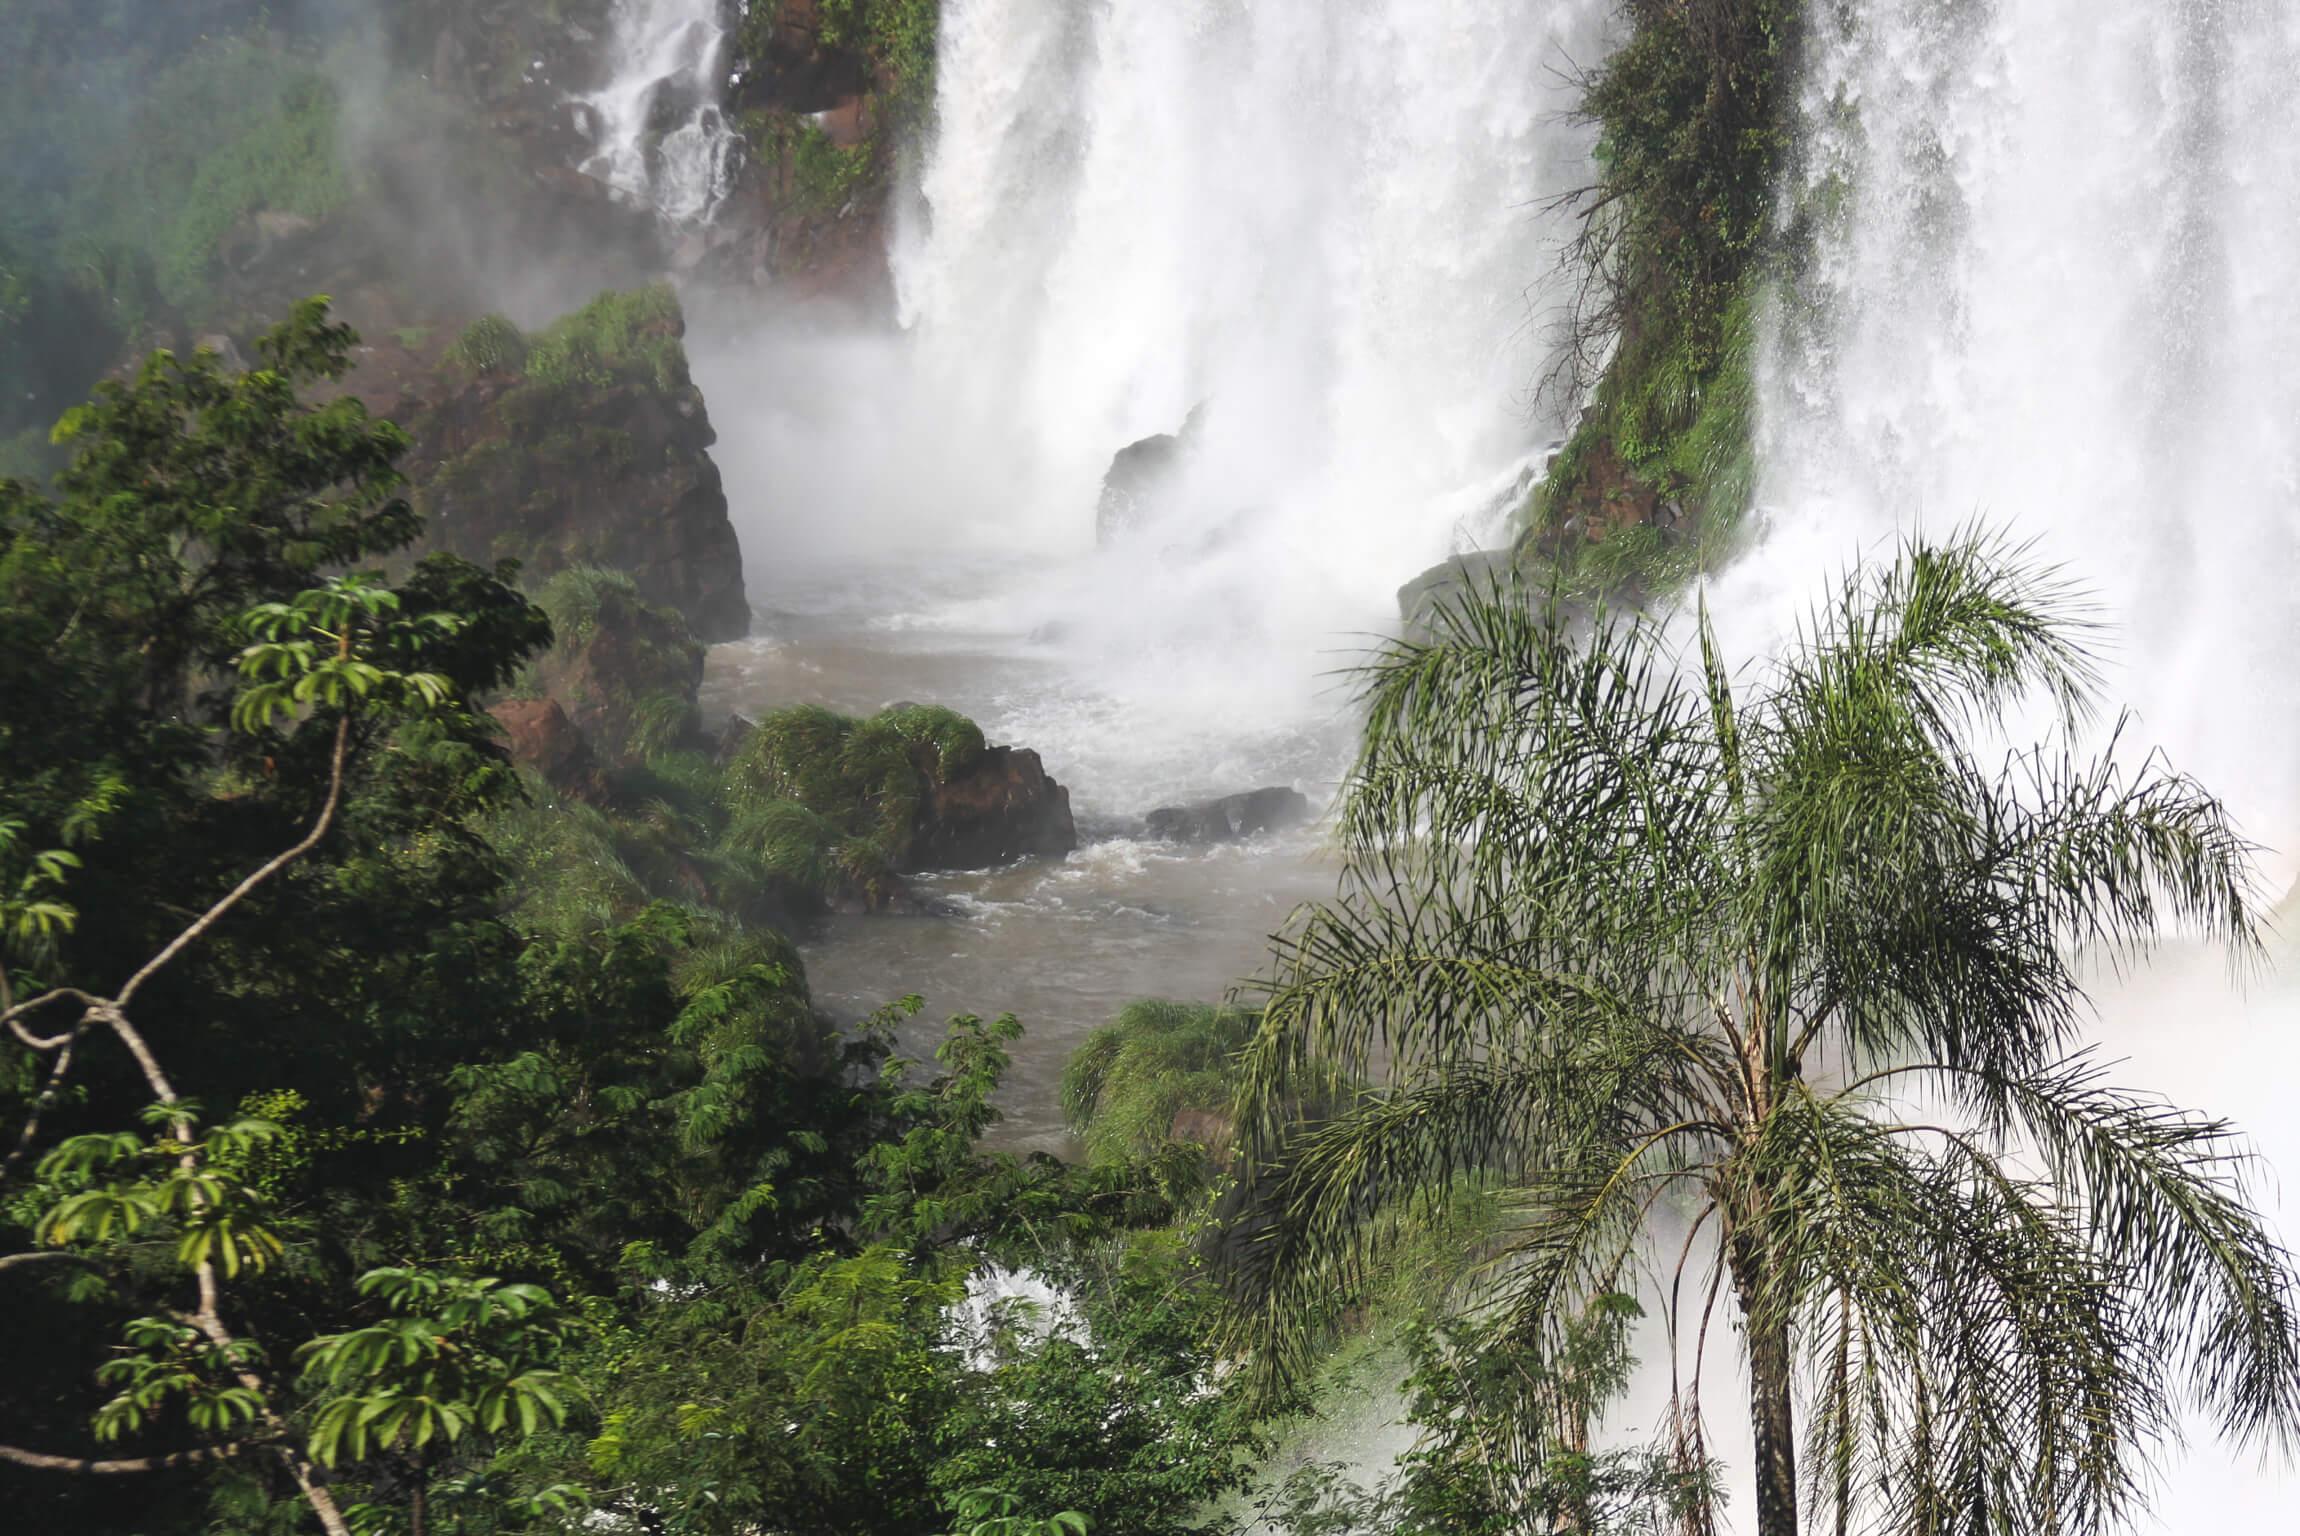 visiting Iguazu Falls Argentina